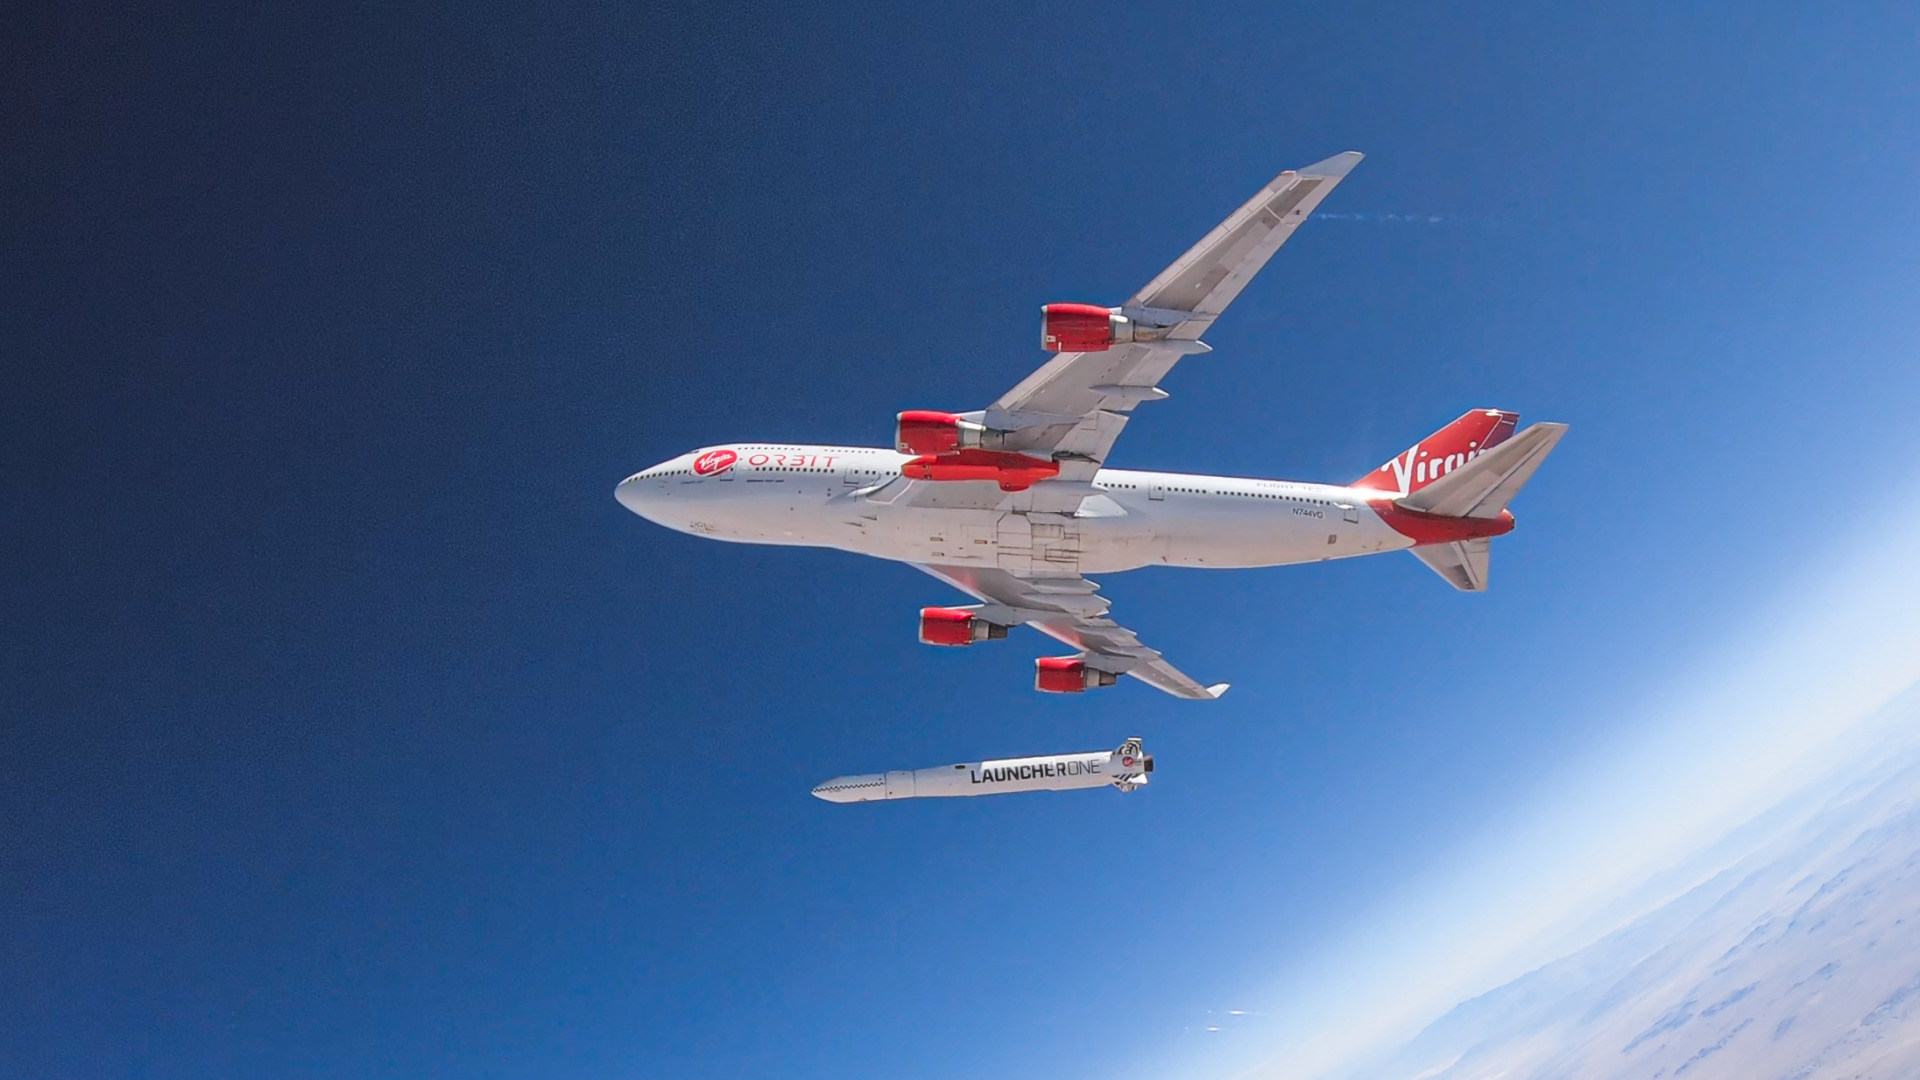 Weltraum, Raumfahrt, Rakete, Raketenstart, LauncherOne, Virgin Orbit